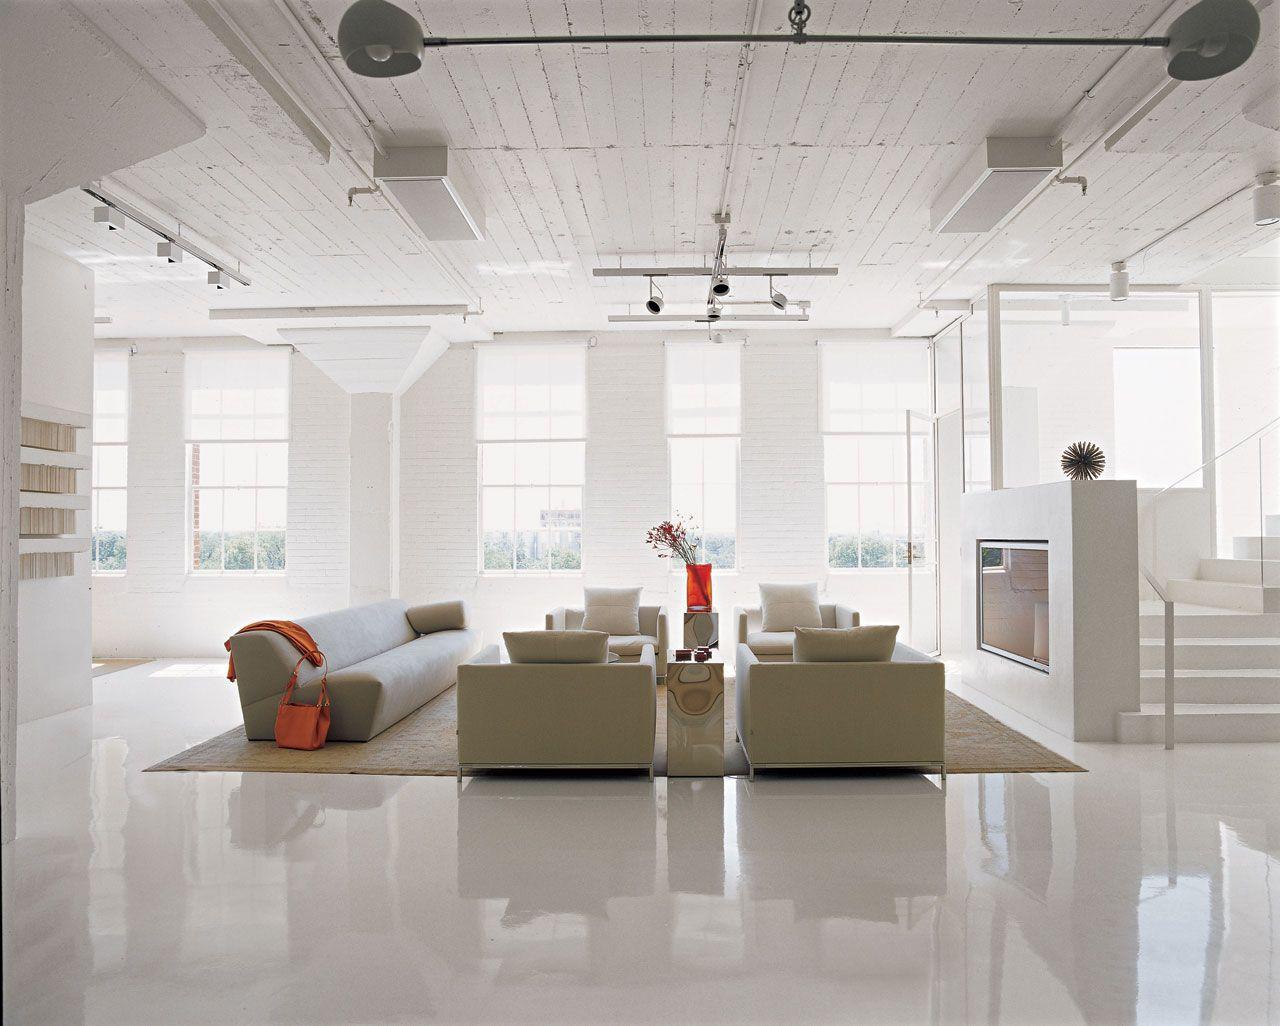 70 moderne, innovative Luxus Interieur Ideen frs ...